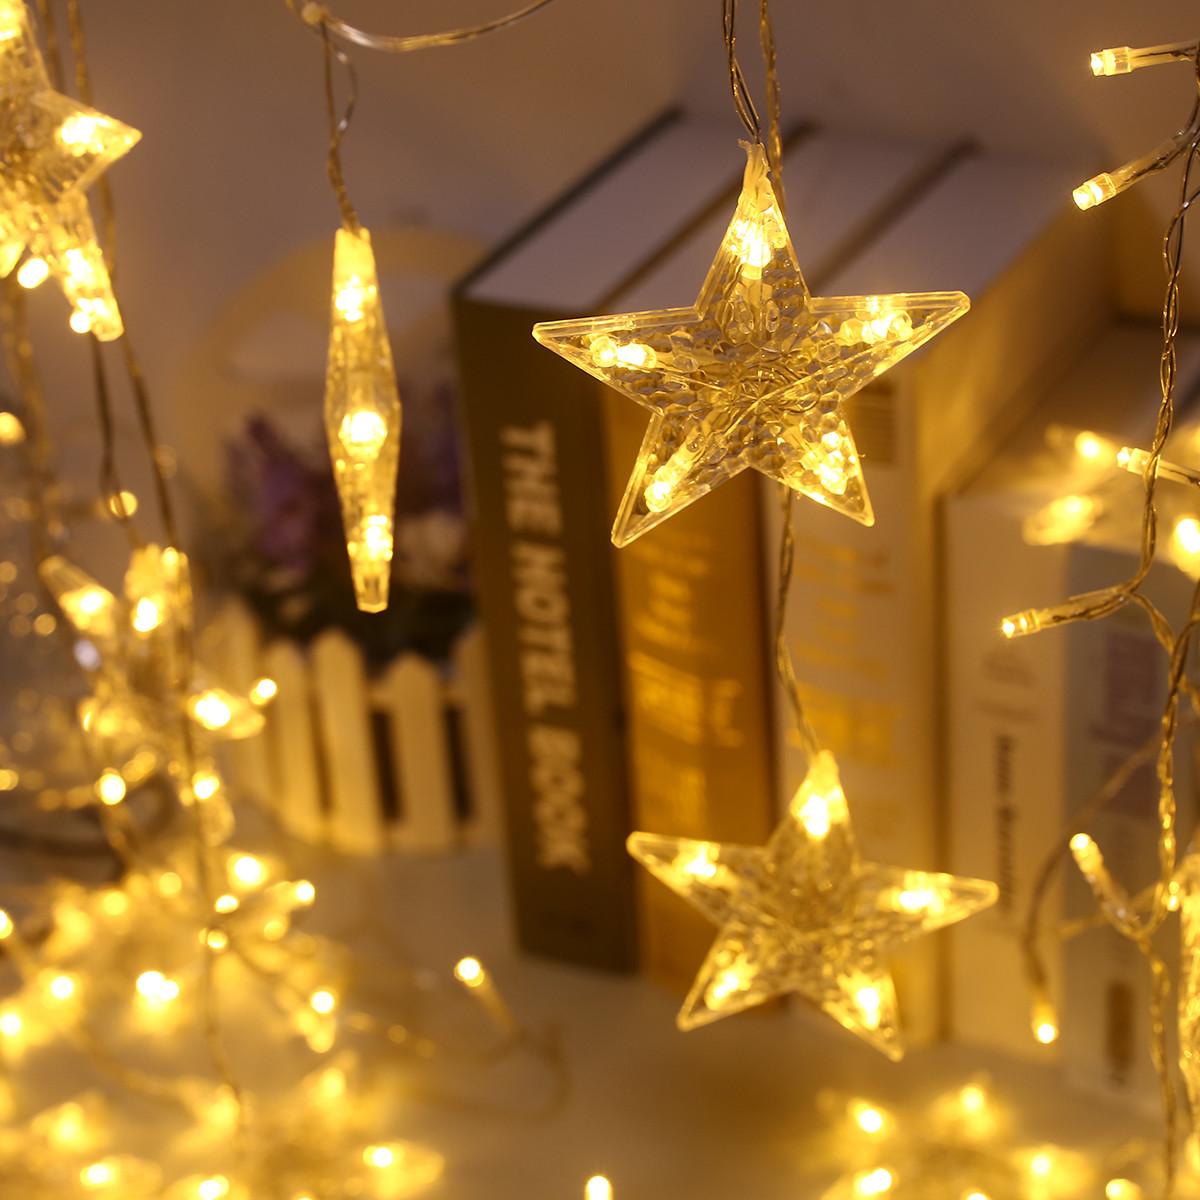 Led Weihnachtsbeleuchtung Laser.3m Led Eisregen Stern Lichterkette Lichtervorhang Weihnachtsbeleuchtung Warmwei Ss